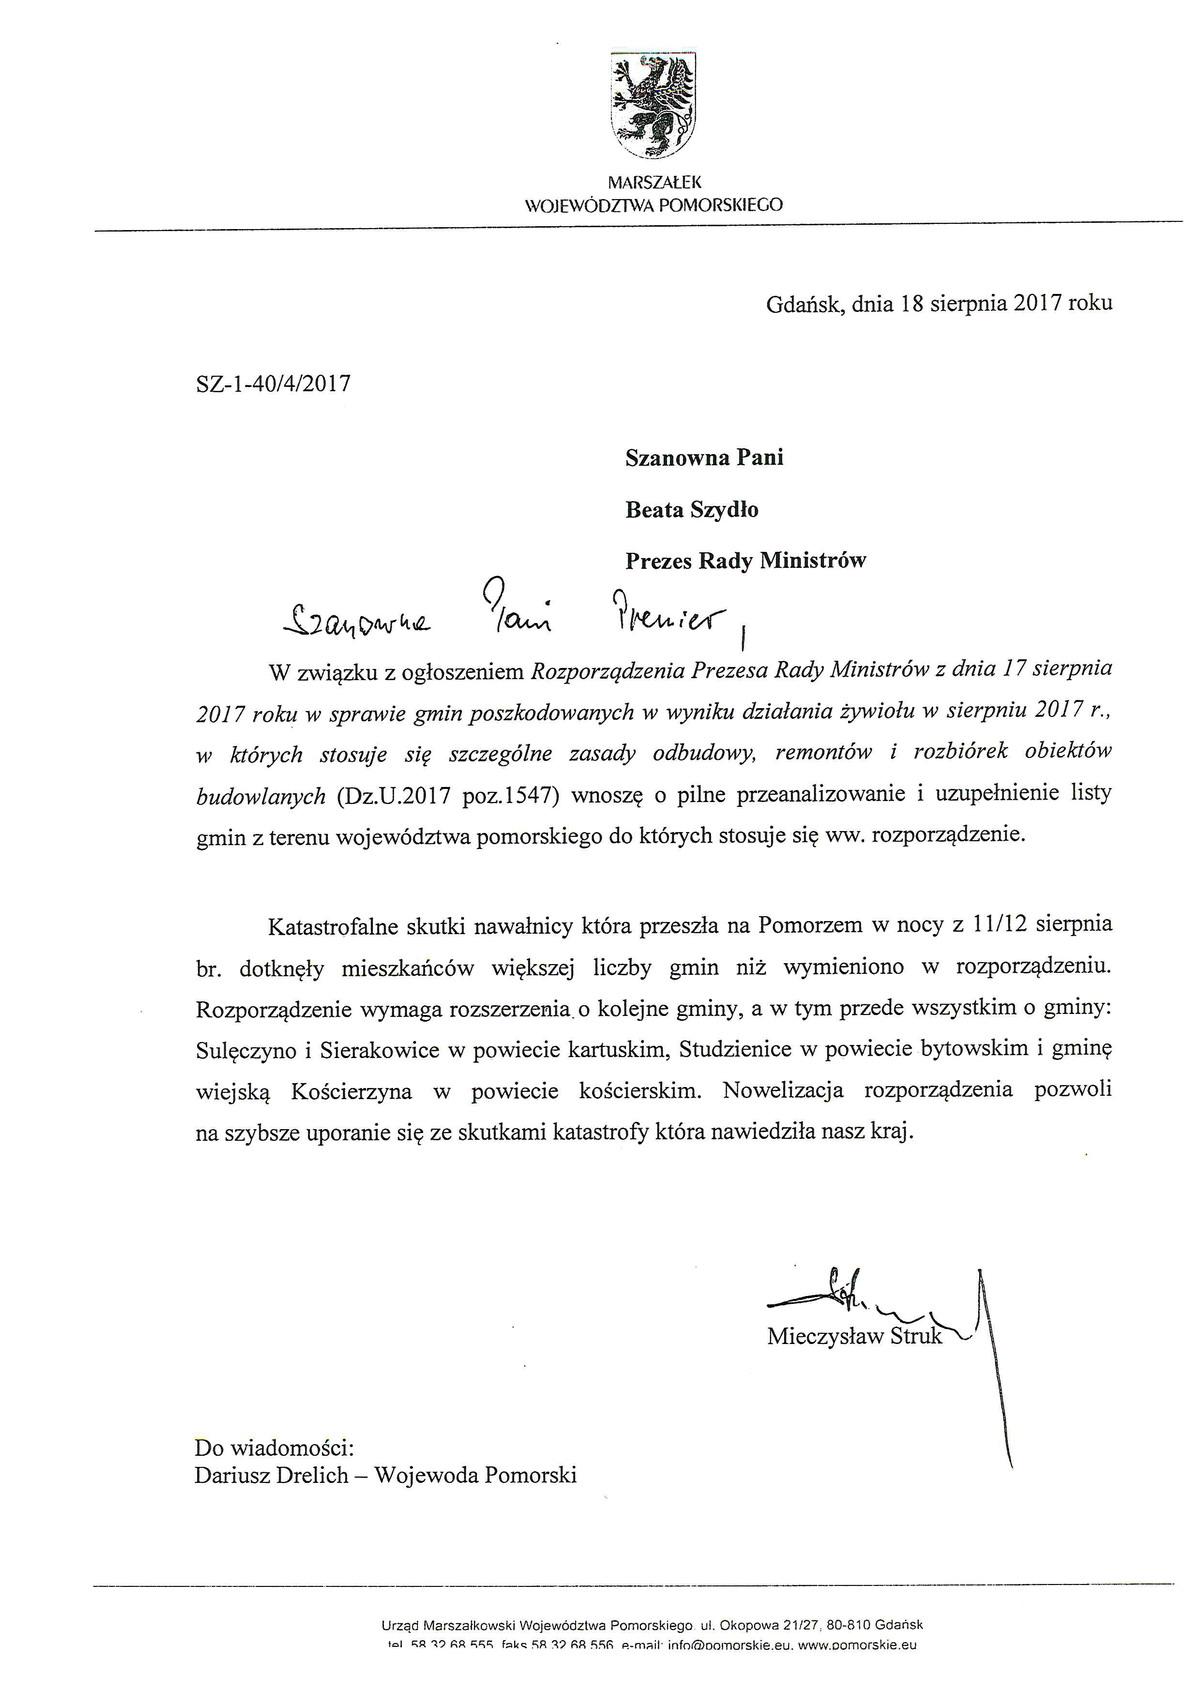 Lista marszałka Struka do premier Szydło